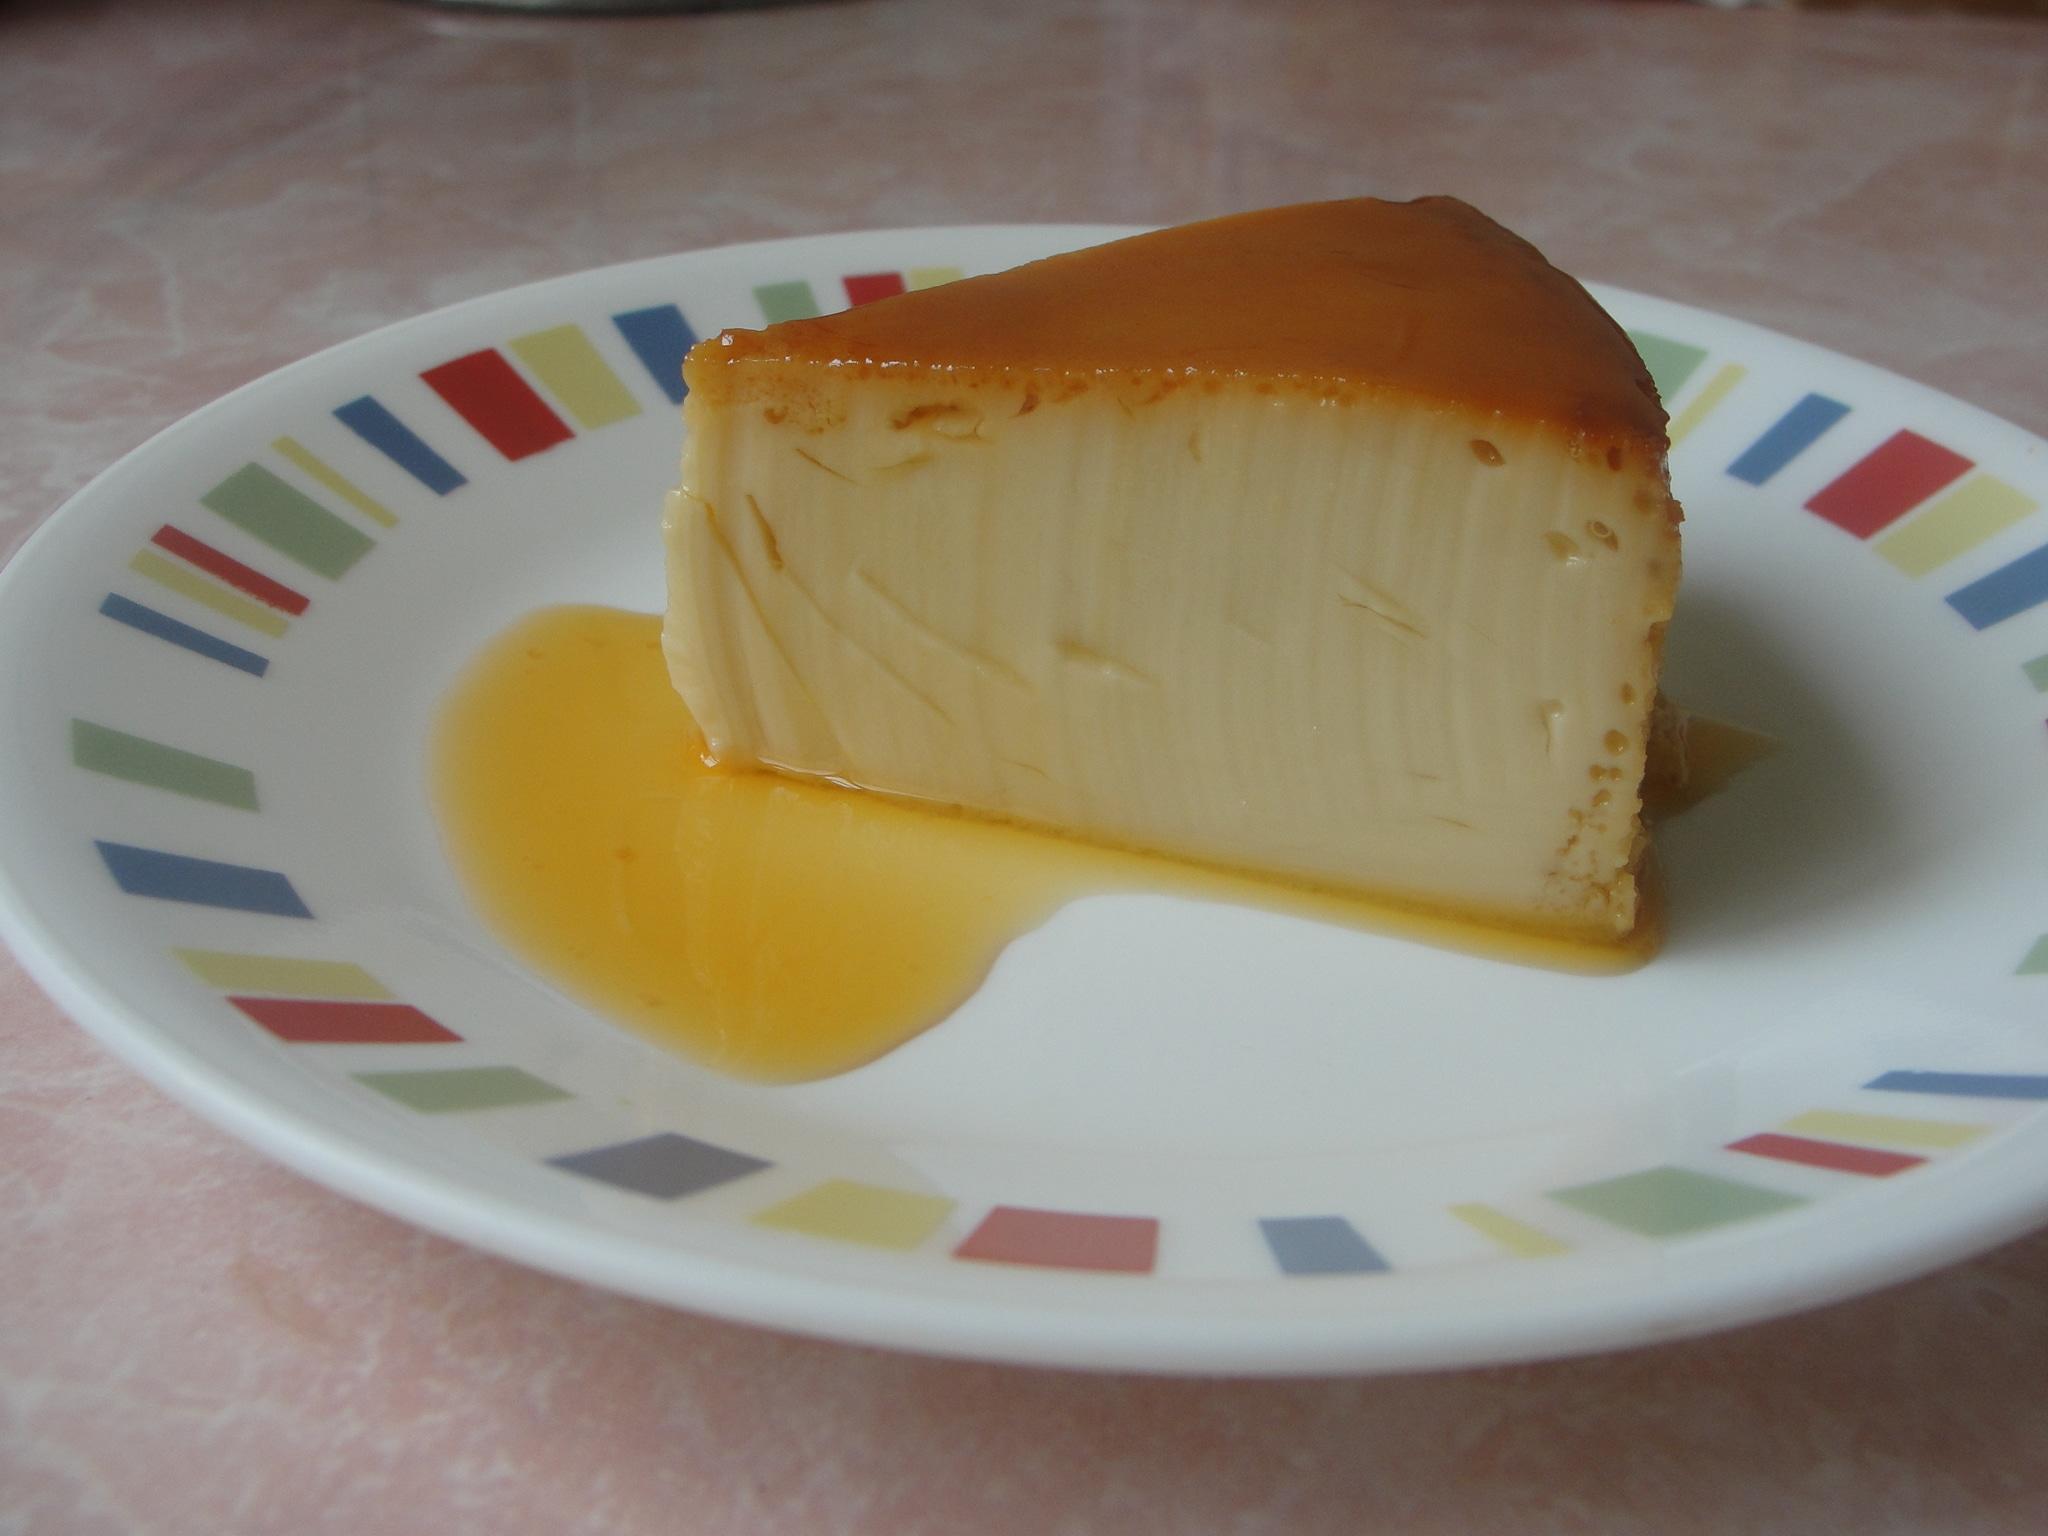 Imagenes De Queso Crema: Receta De Flan De Queso Crema